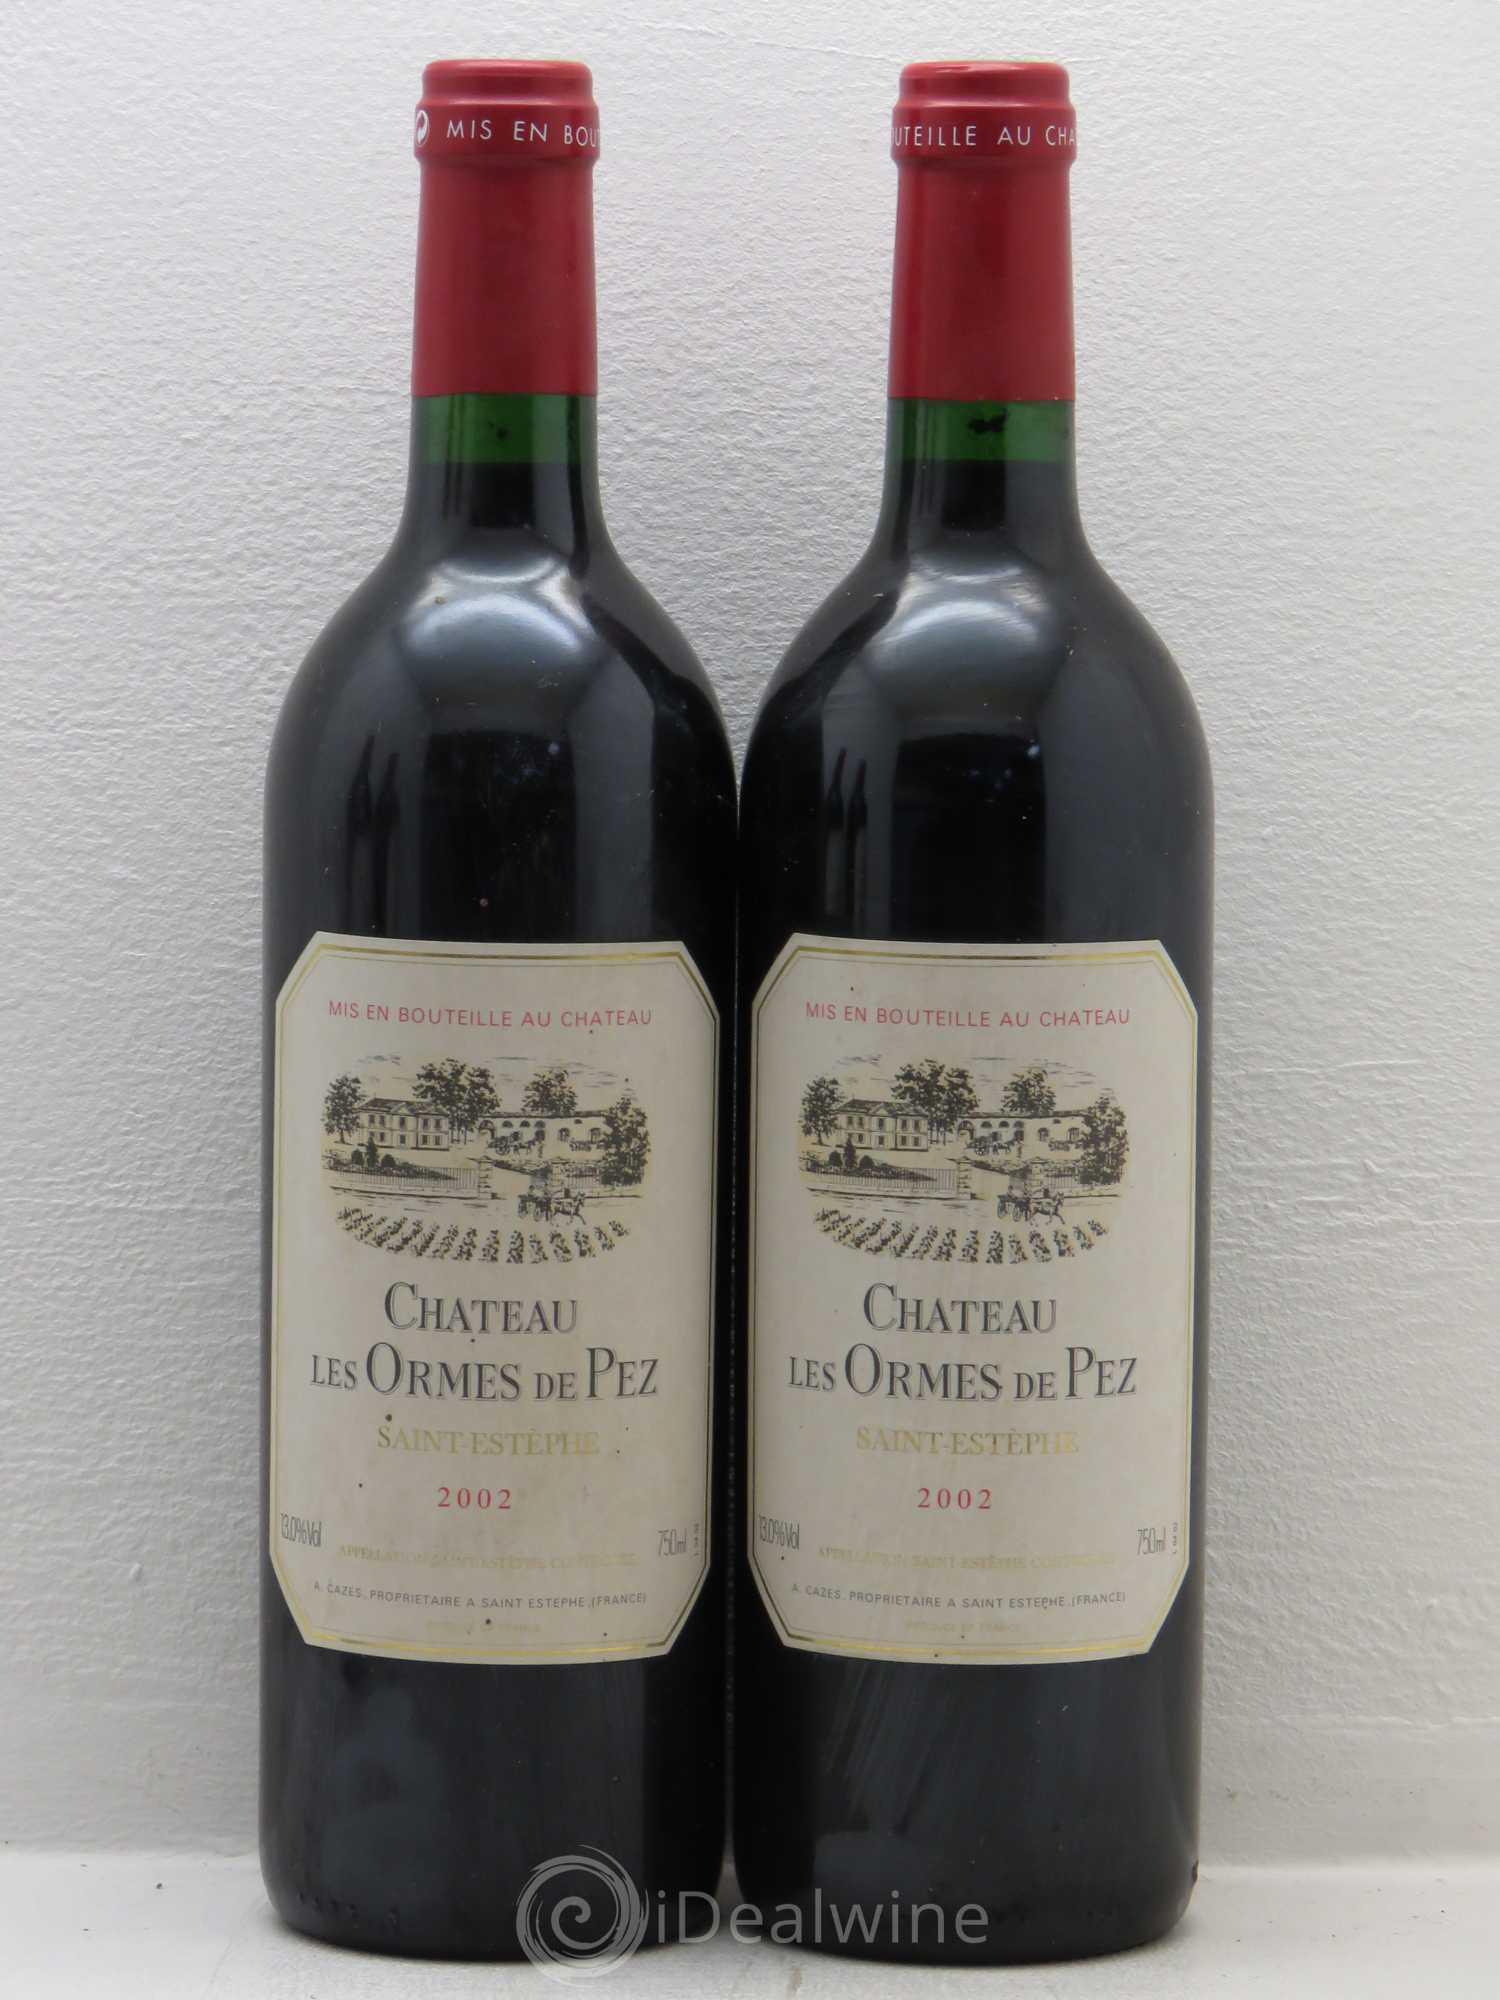 Buy ch teau les ormes de pez 2002 lot 6095 for Buy chateaubriand